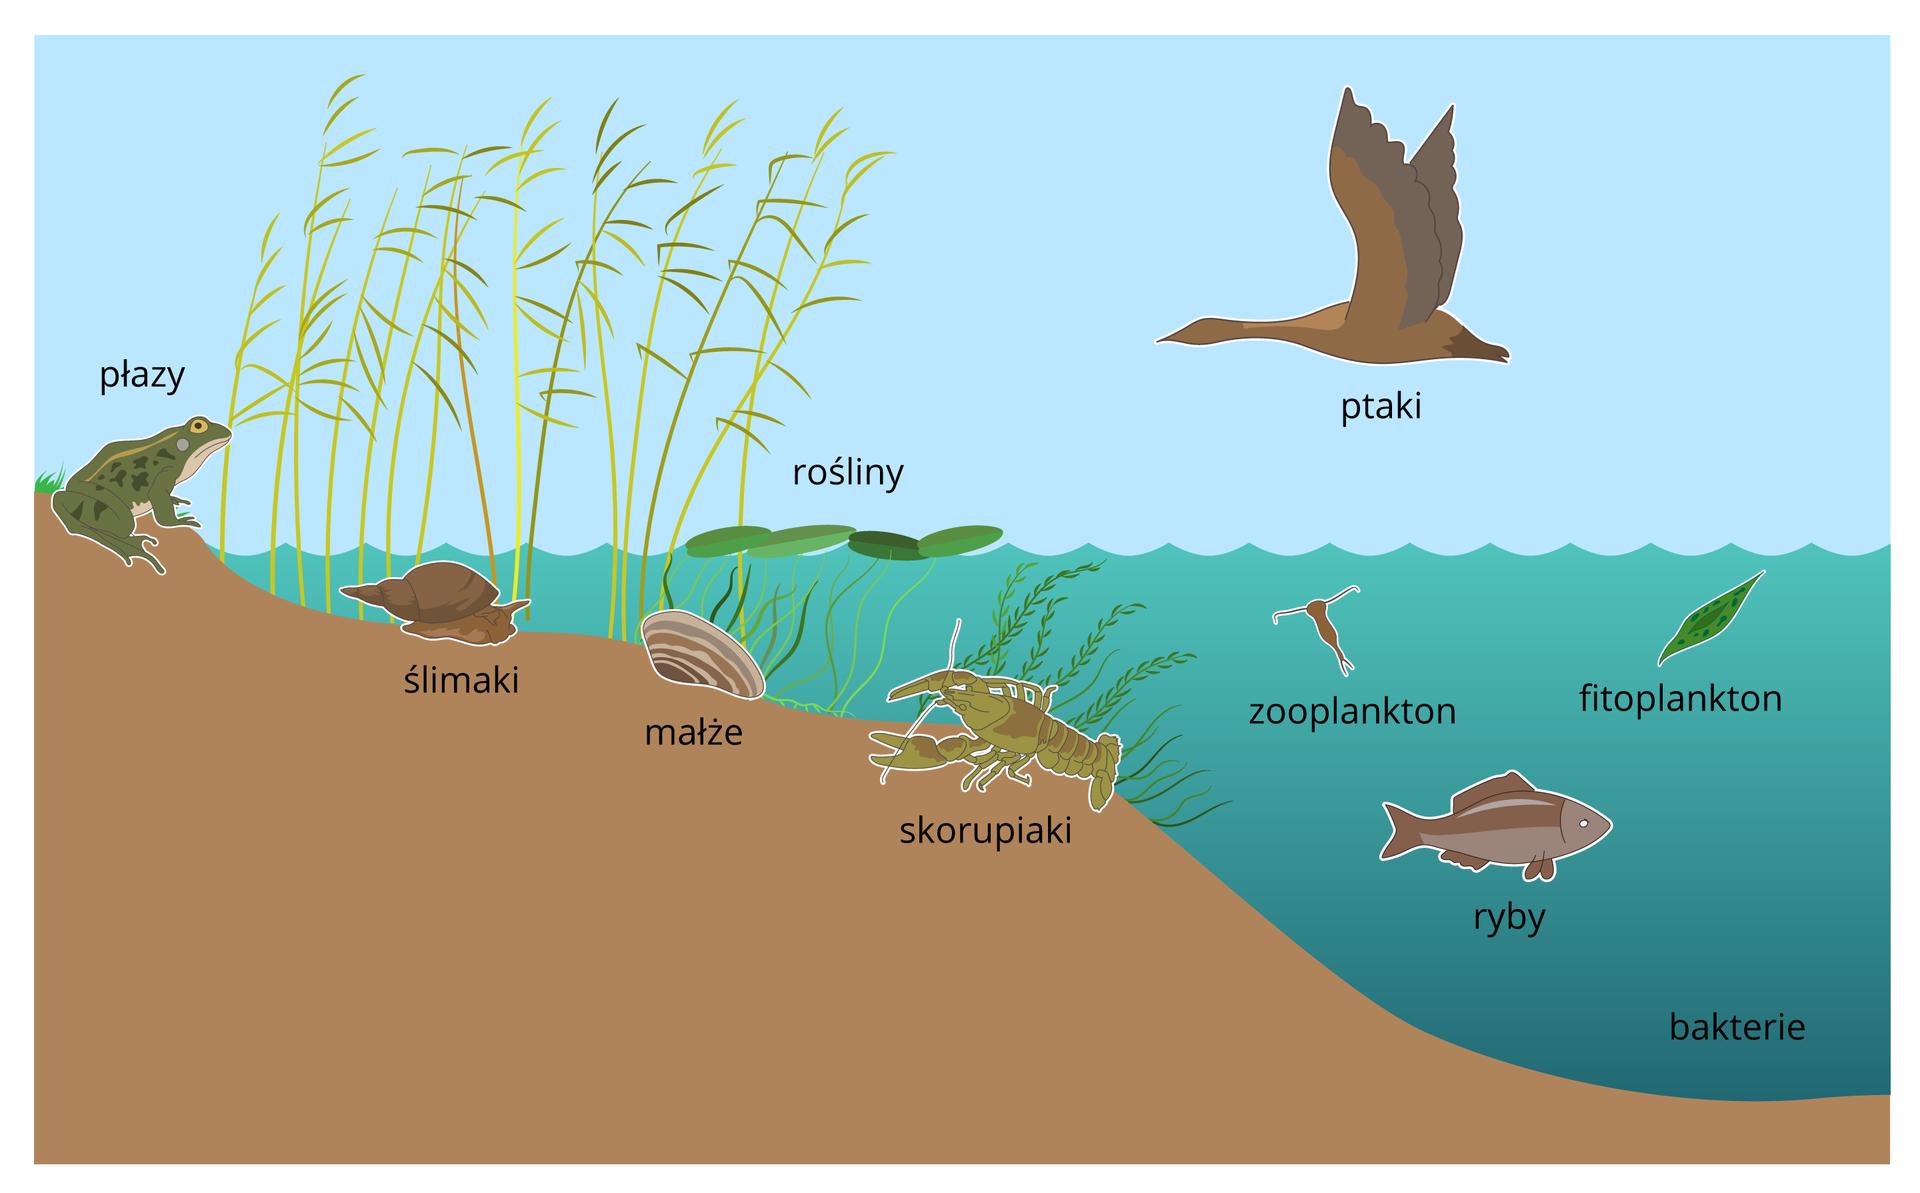 Ilustracja przedstawia przekrój prezz przybrzeżna część jesiora. Narysowano na nim żabę, błotniarkę, małża, plankton, ryby, skorupiaki. Nad wodą leci kaczka. przy brzegu rosną rośliny.